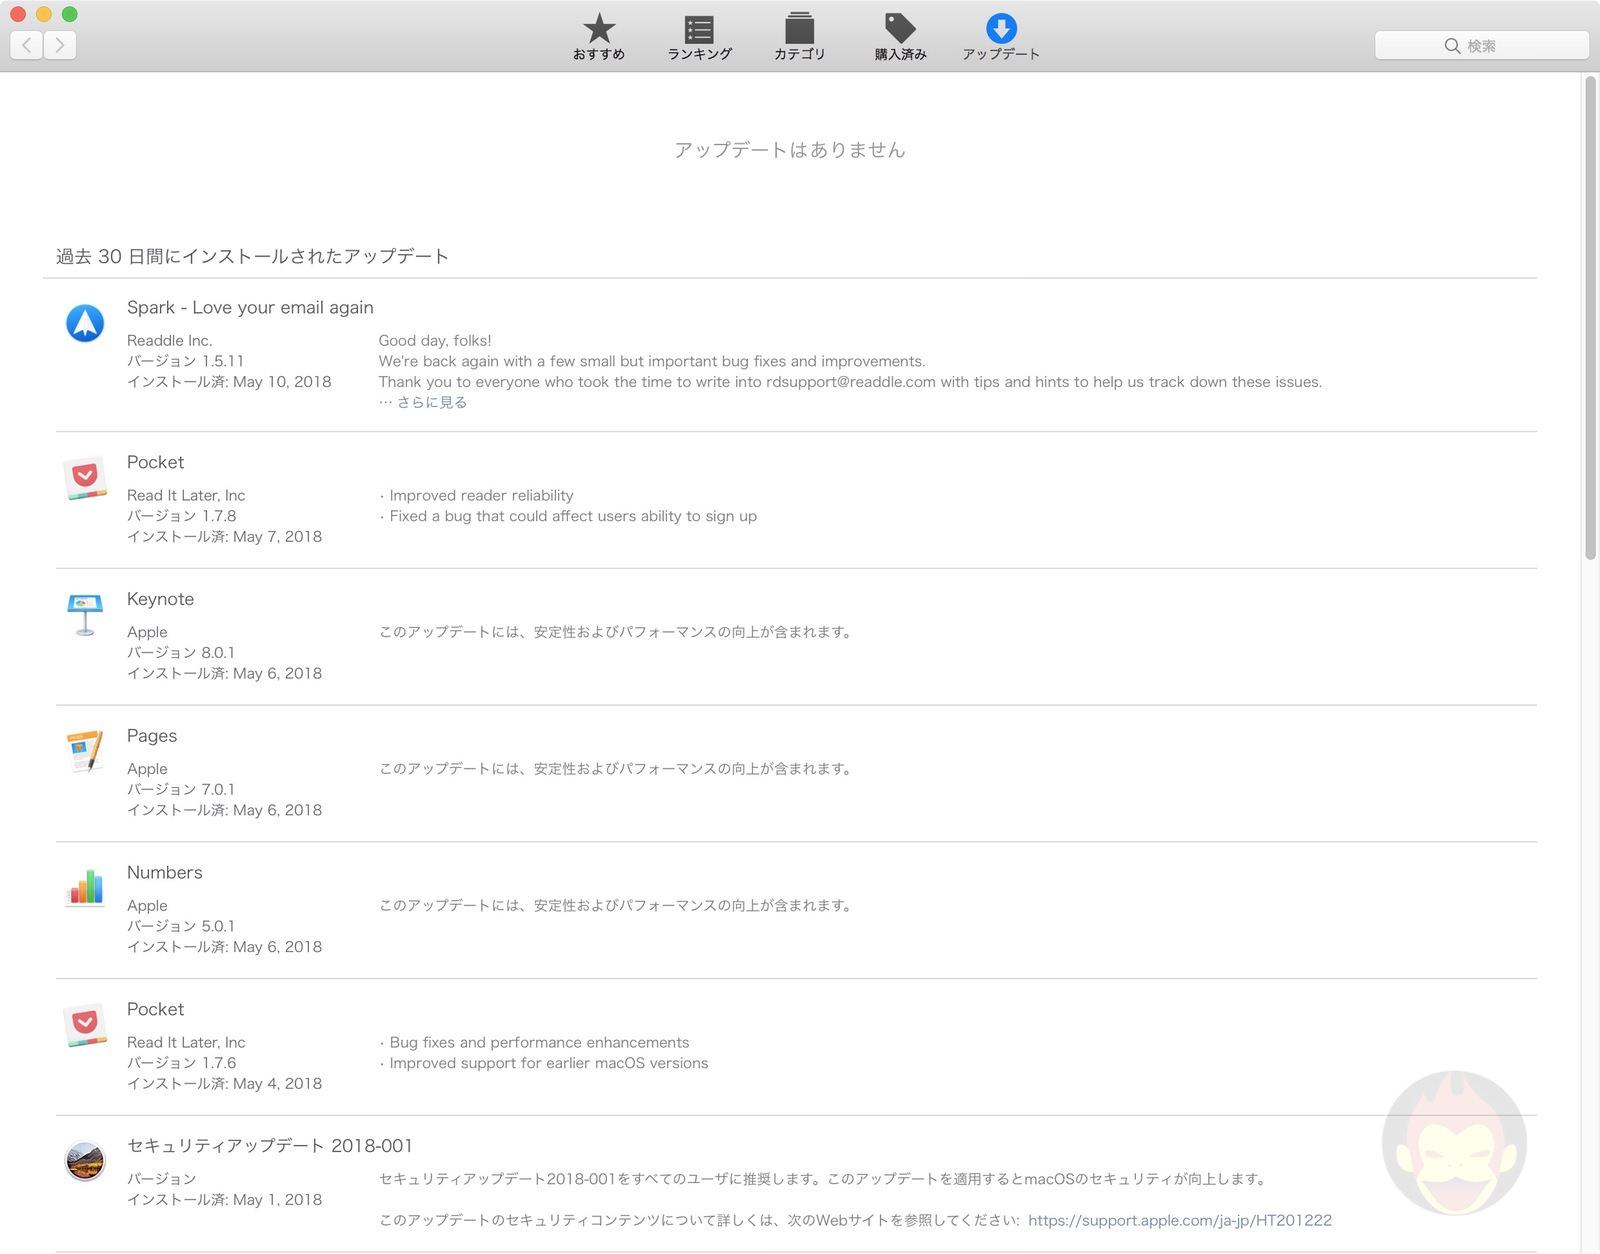 MacOS Mac App Store Update tab 01